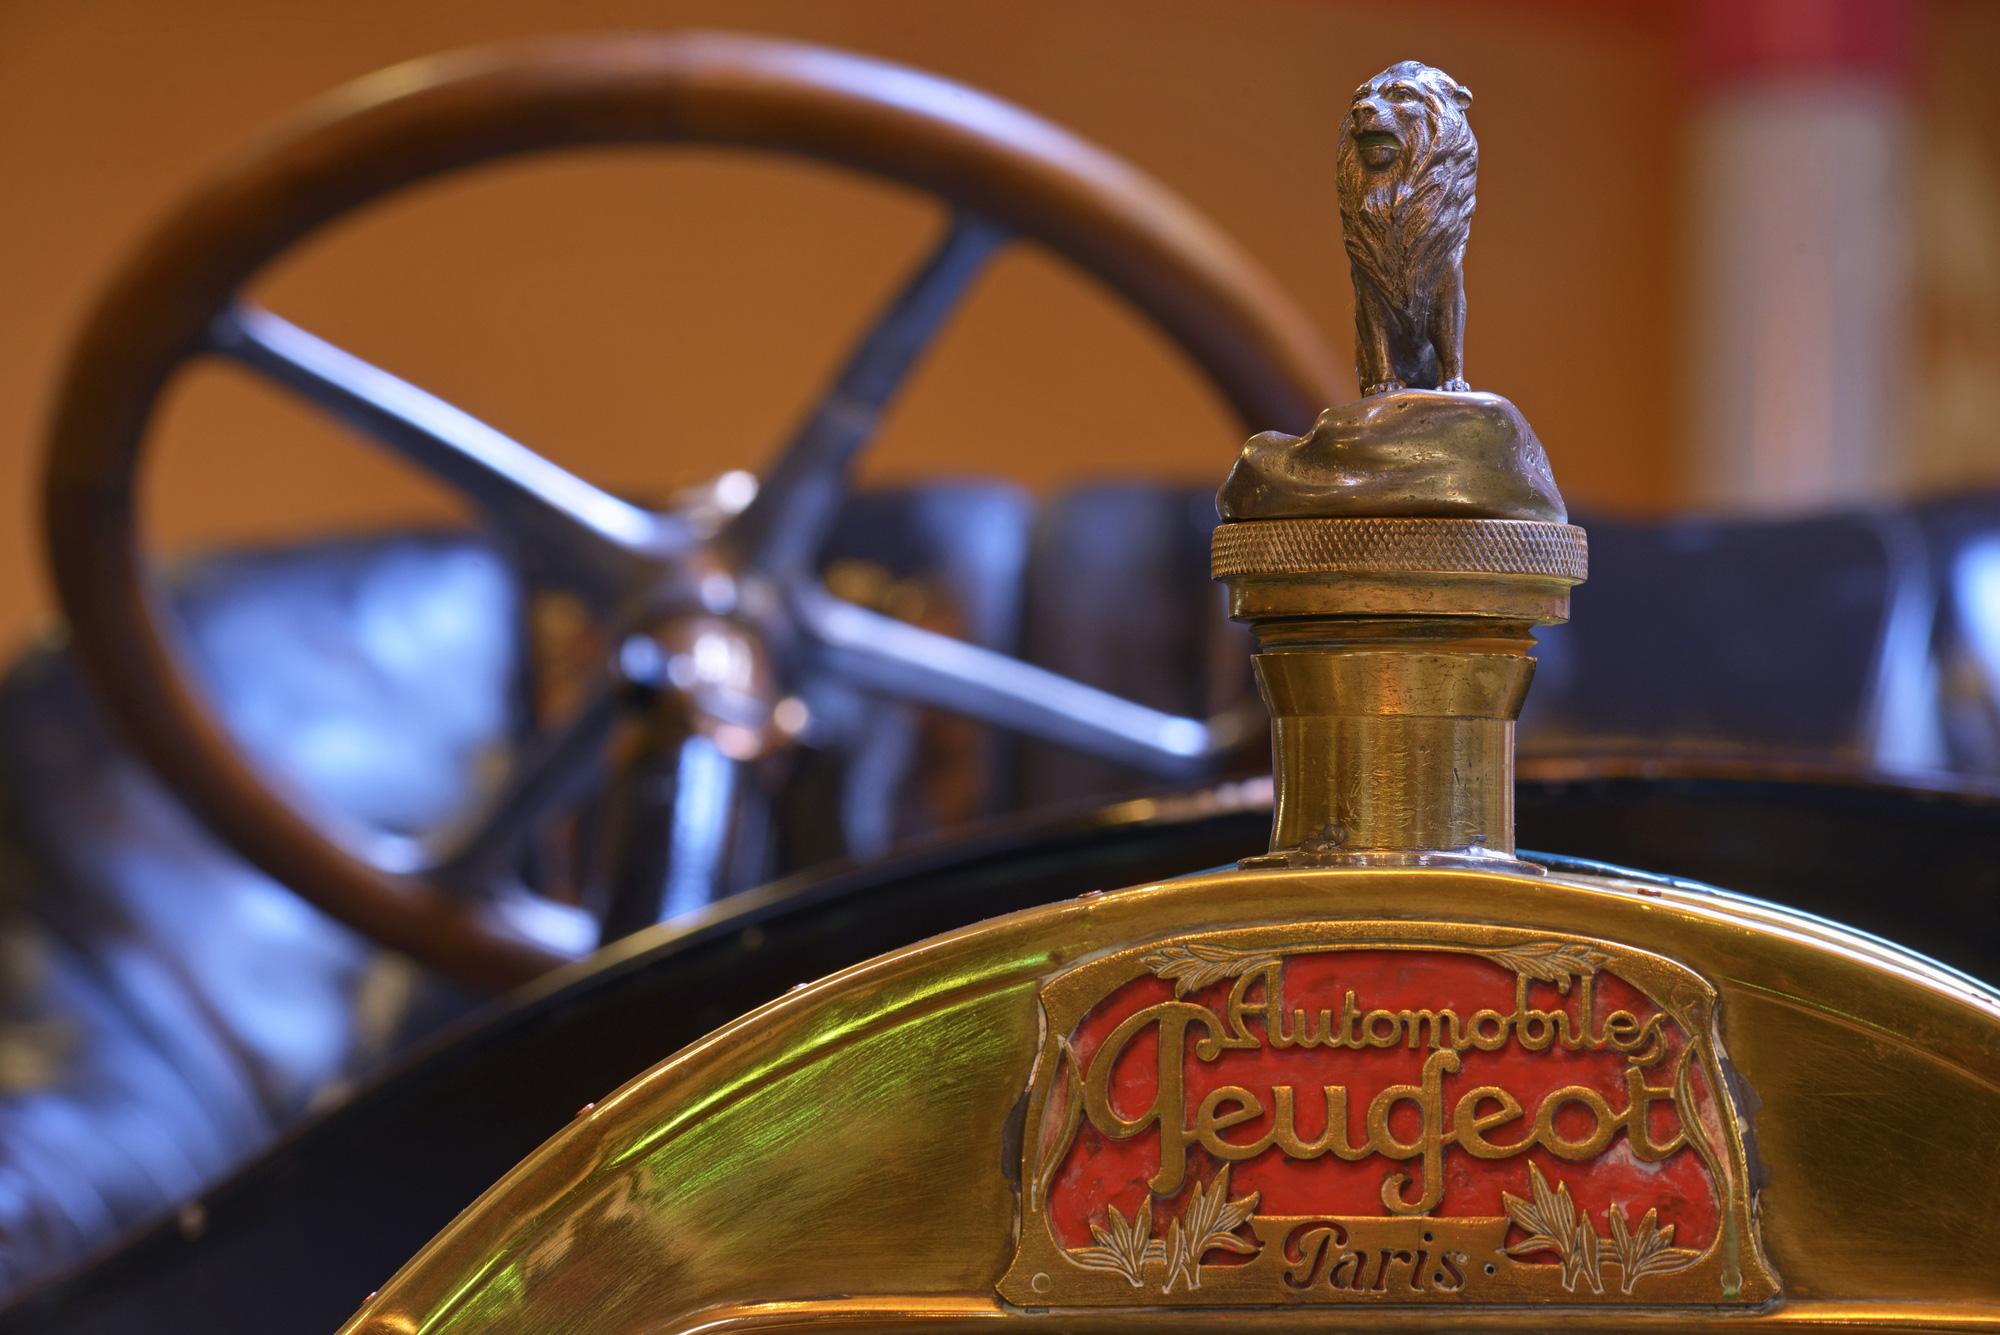 Vô-lăng D-cut: Điểm nhấn thiết kế riêng biệt của Peugeot - Ảnh 3.